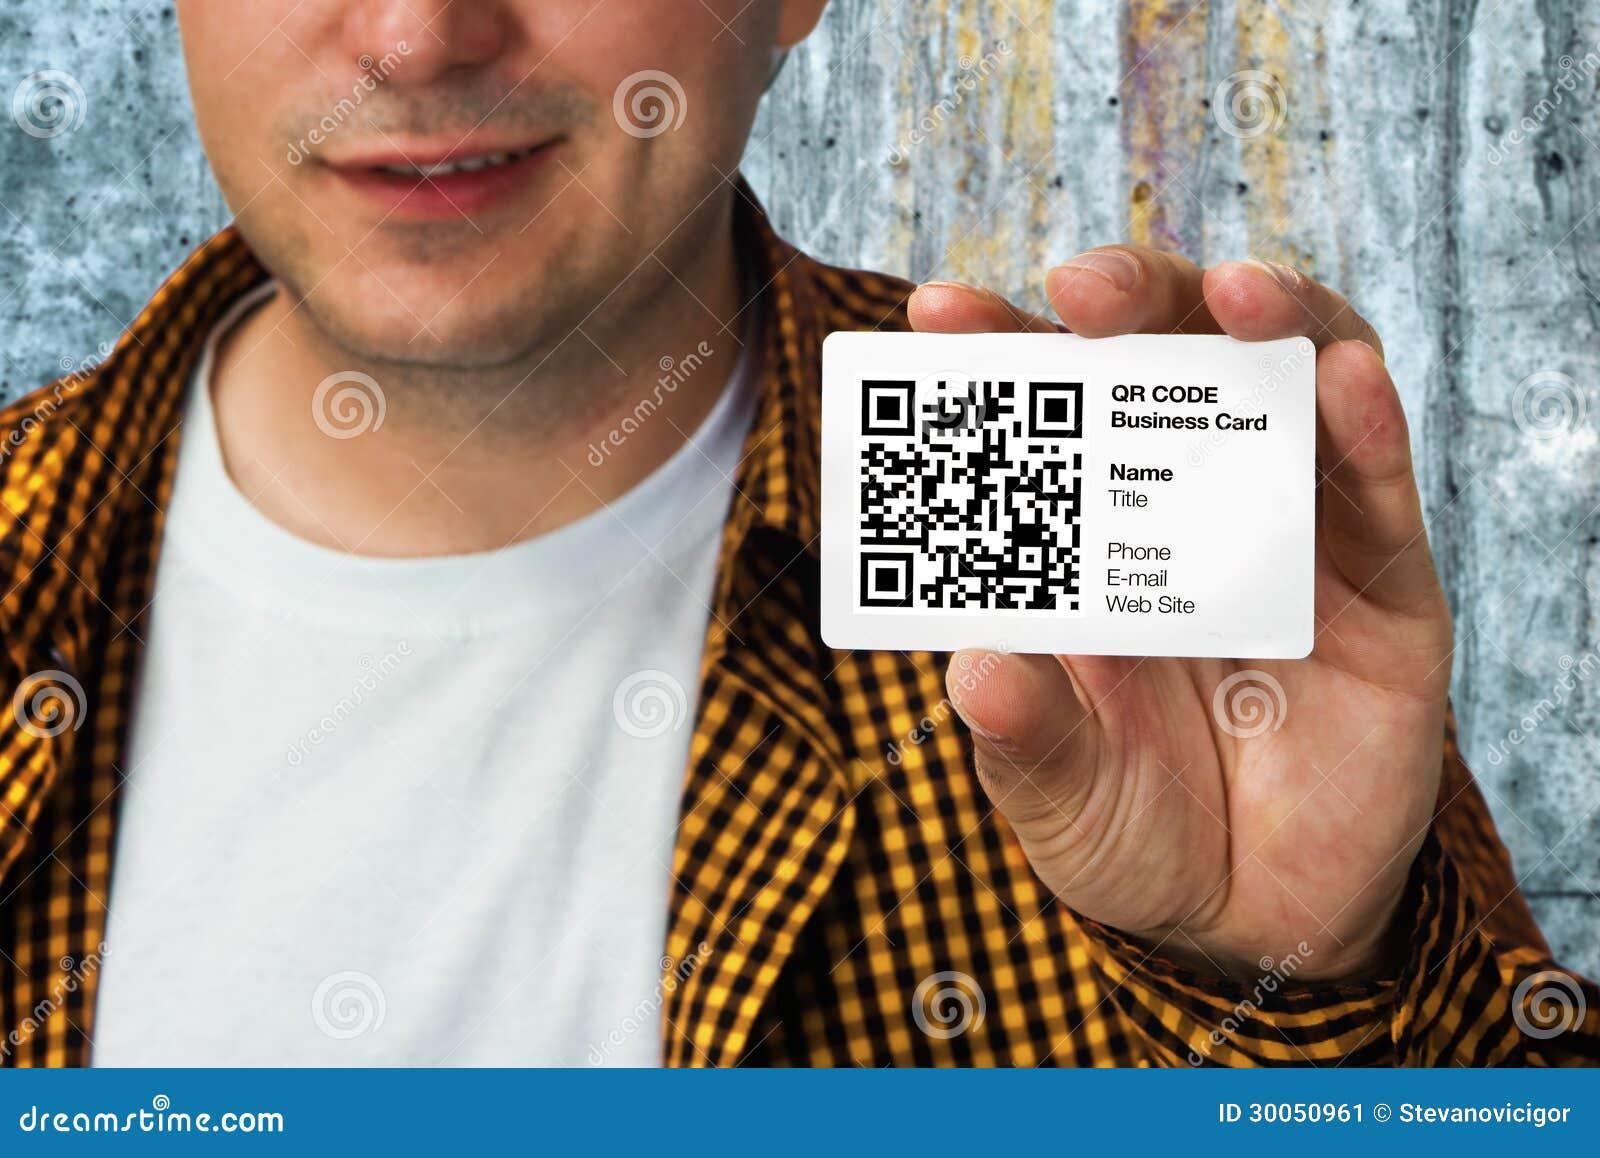 Bauarbeiter Mit Qr Code Visitenkarte Stockbild Bild Von